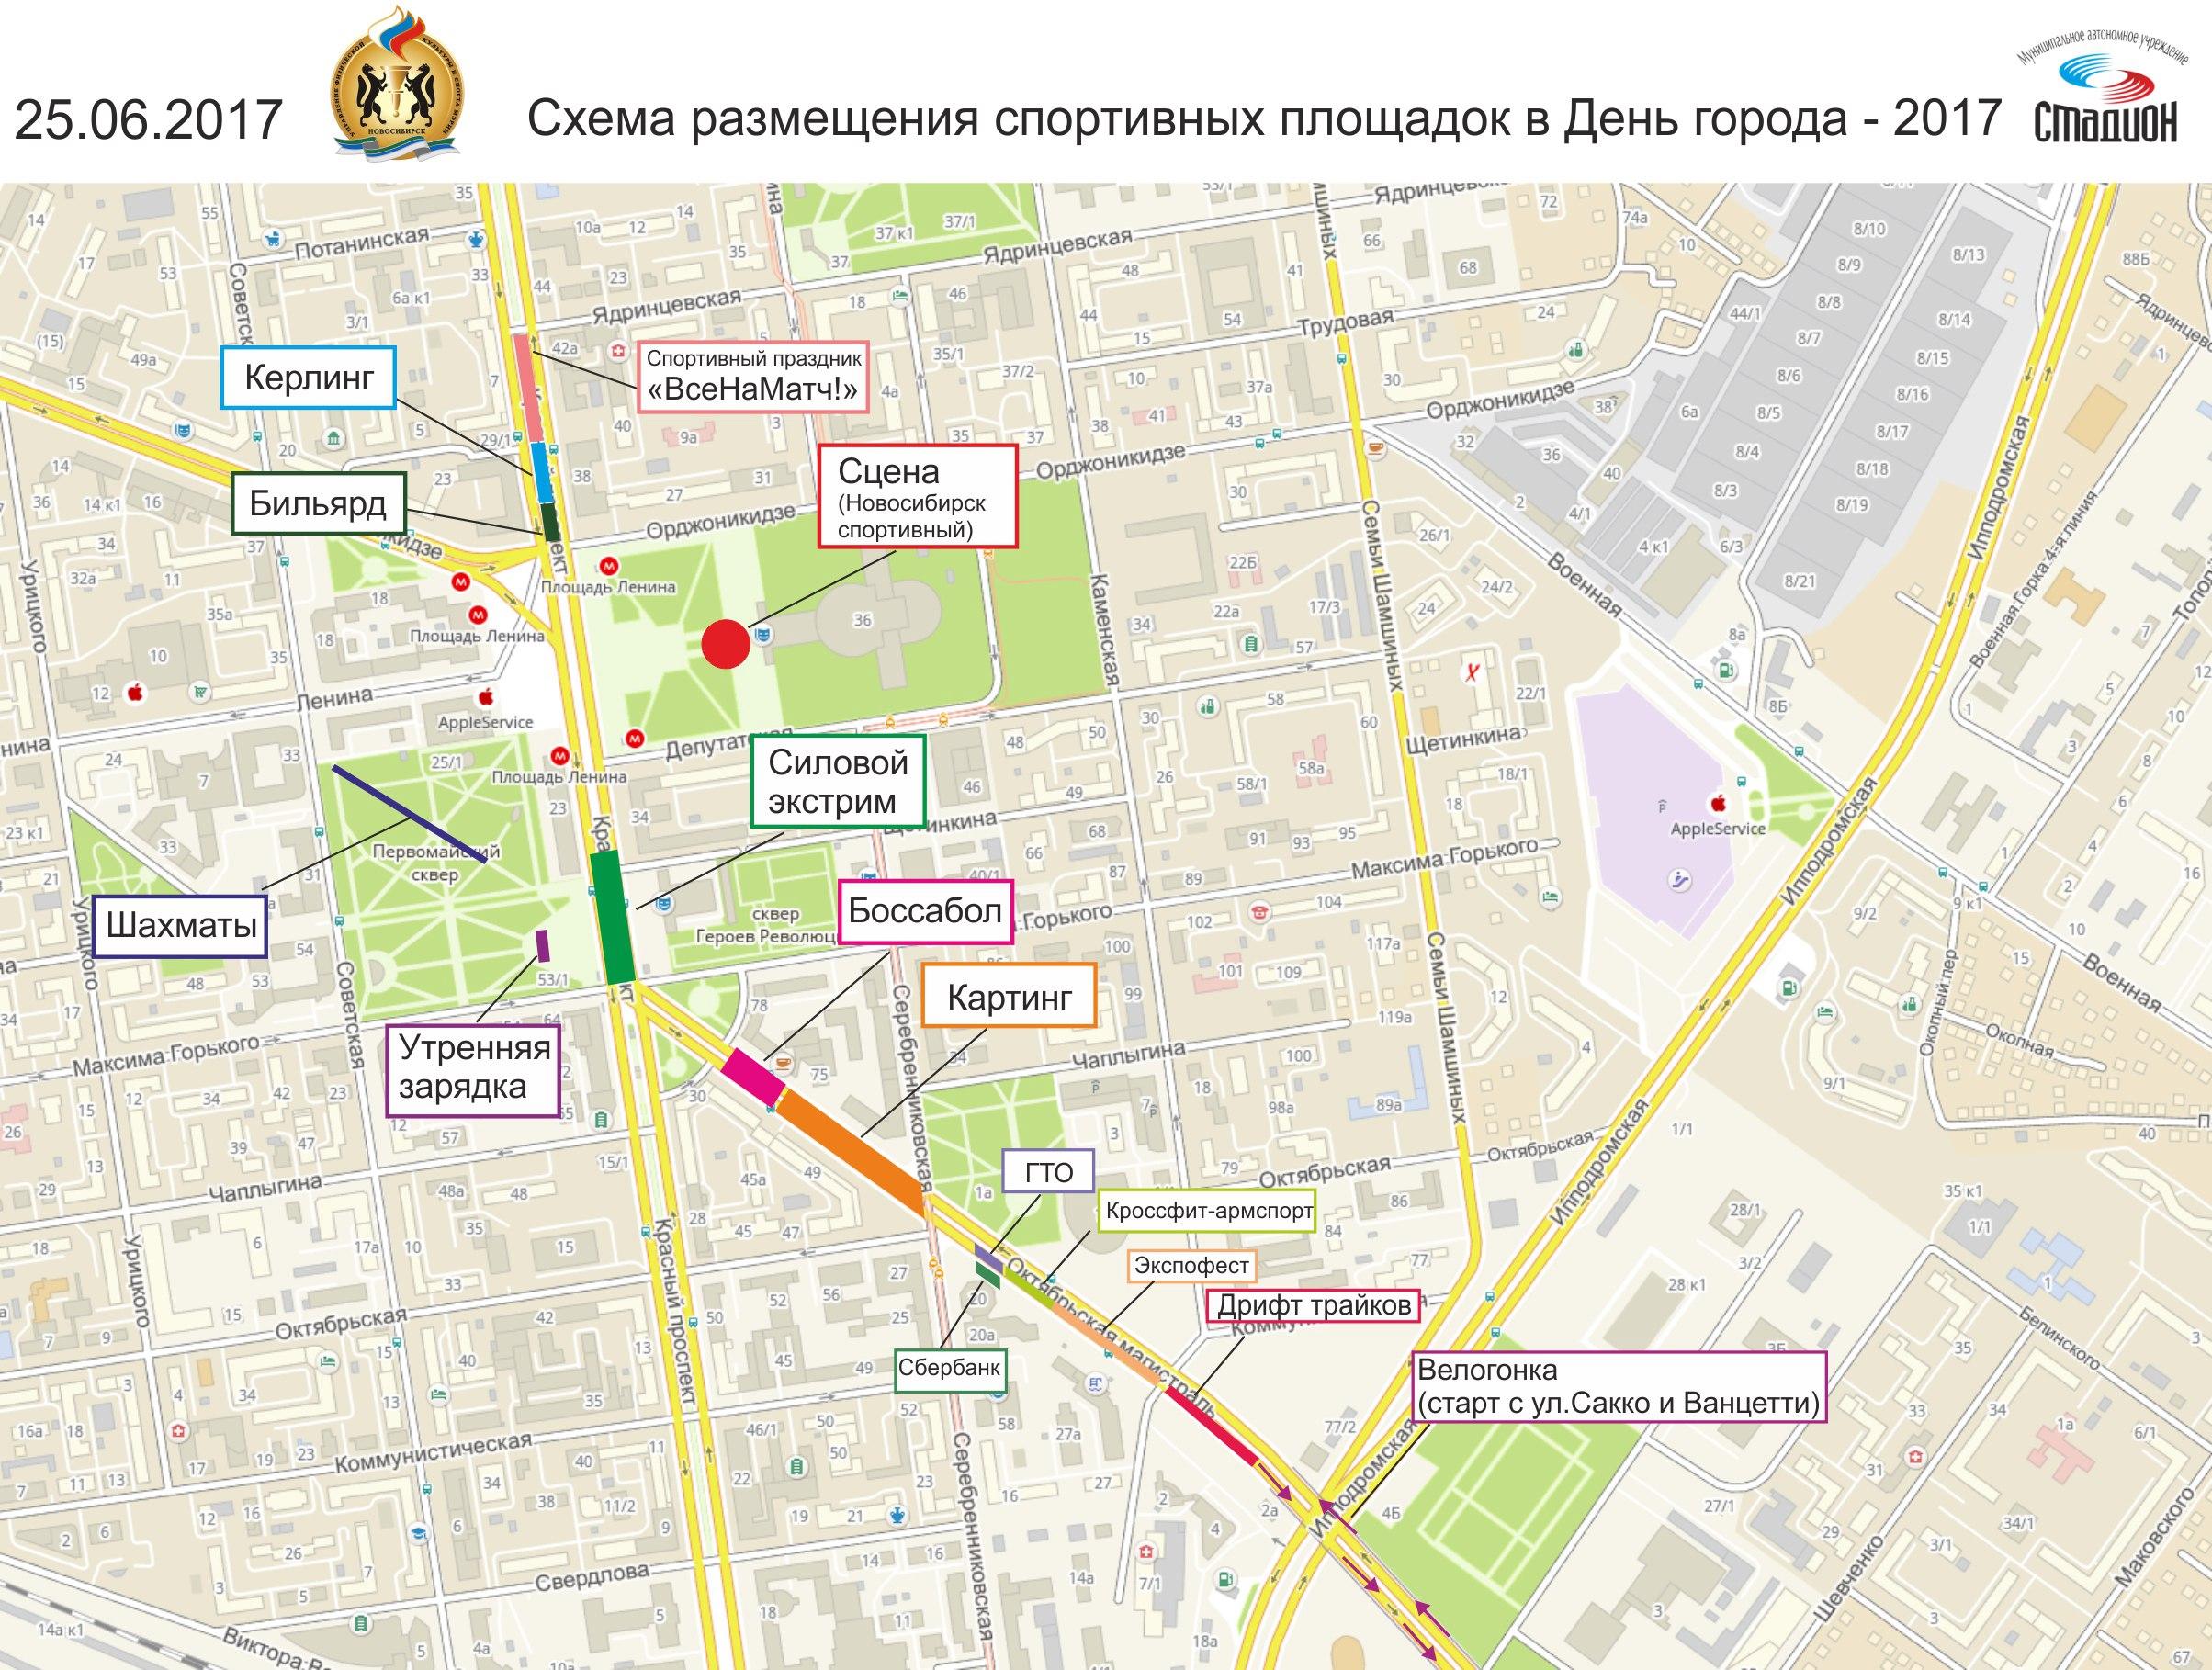 Схема размещения спортивных площадок на день города Новосибирска 25.06.2017